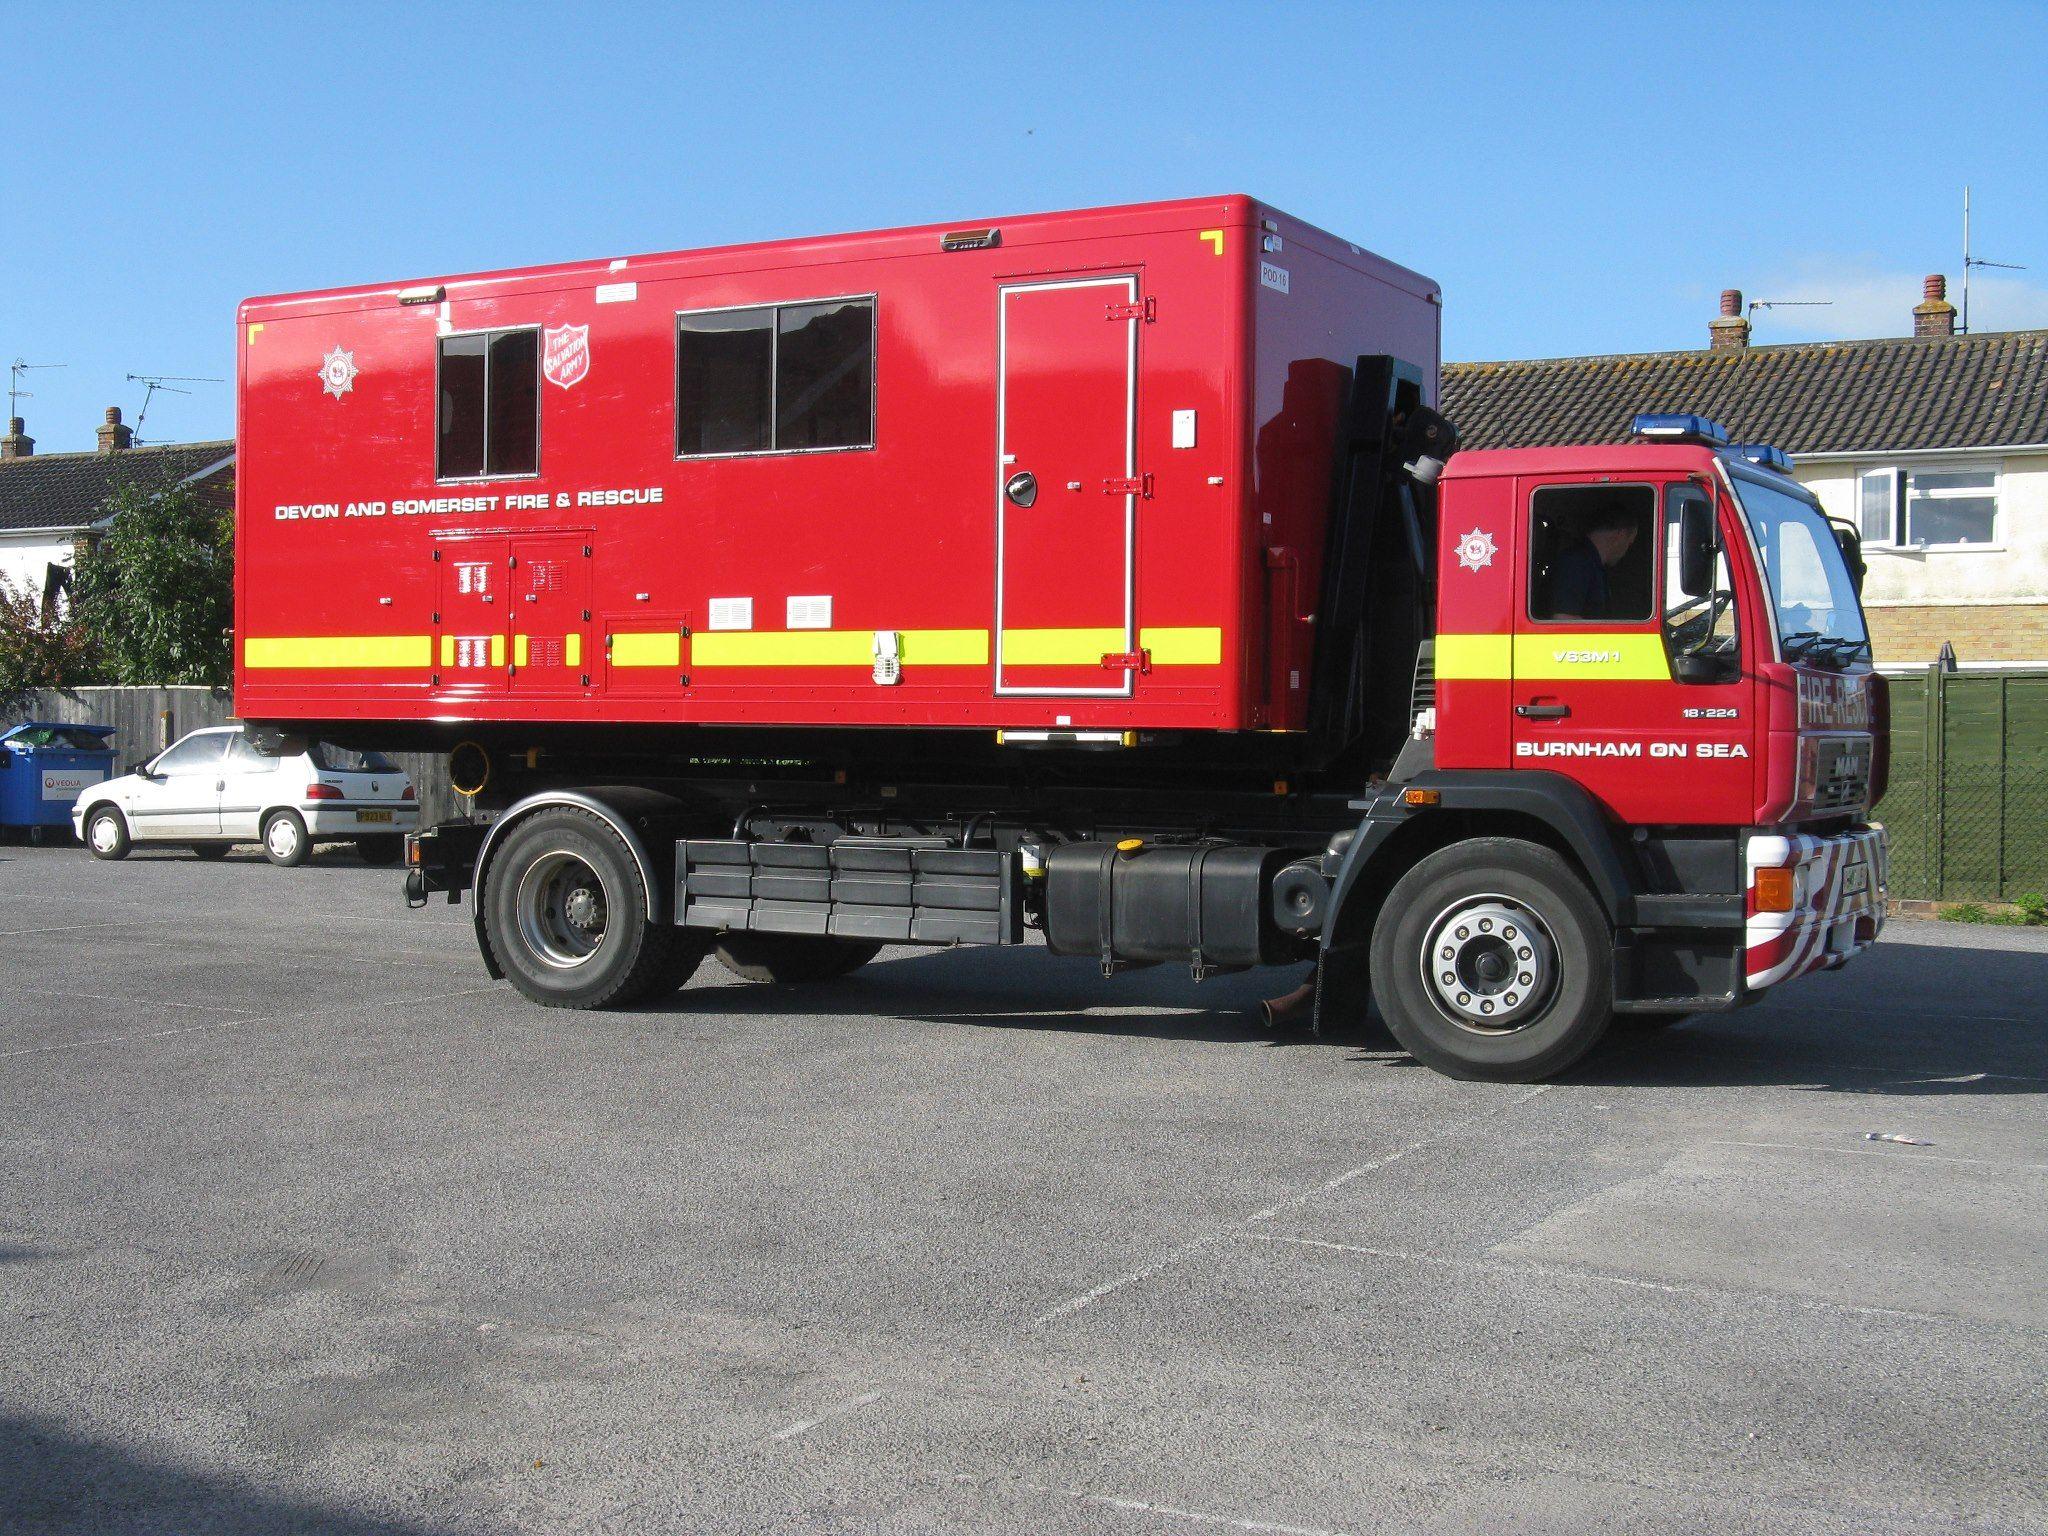 Ein Verpflegungsfahrzeug in England, das bei Brand- und ...